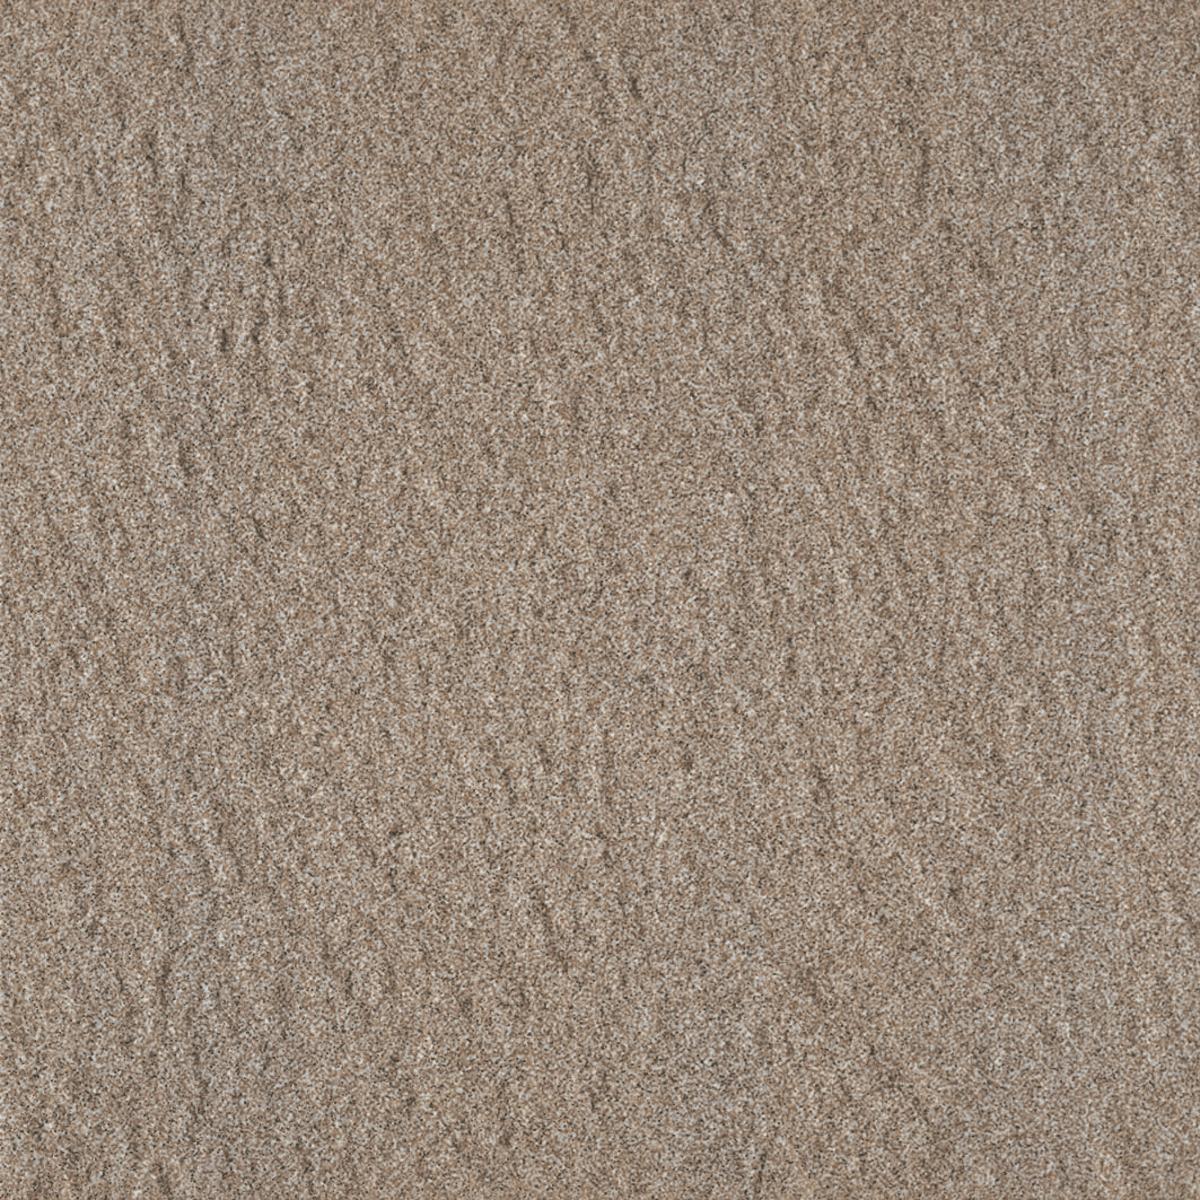 Dlažba Multi Kréta hnedá 30x30 cm reliéfní TR735070.1